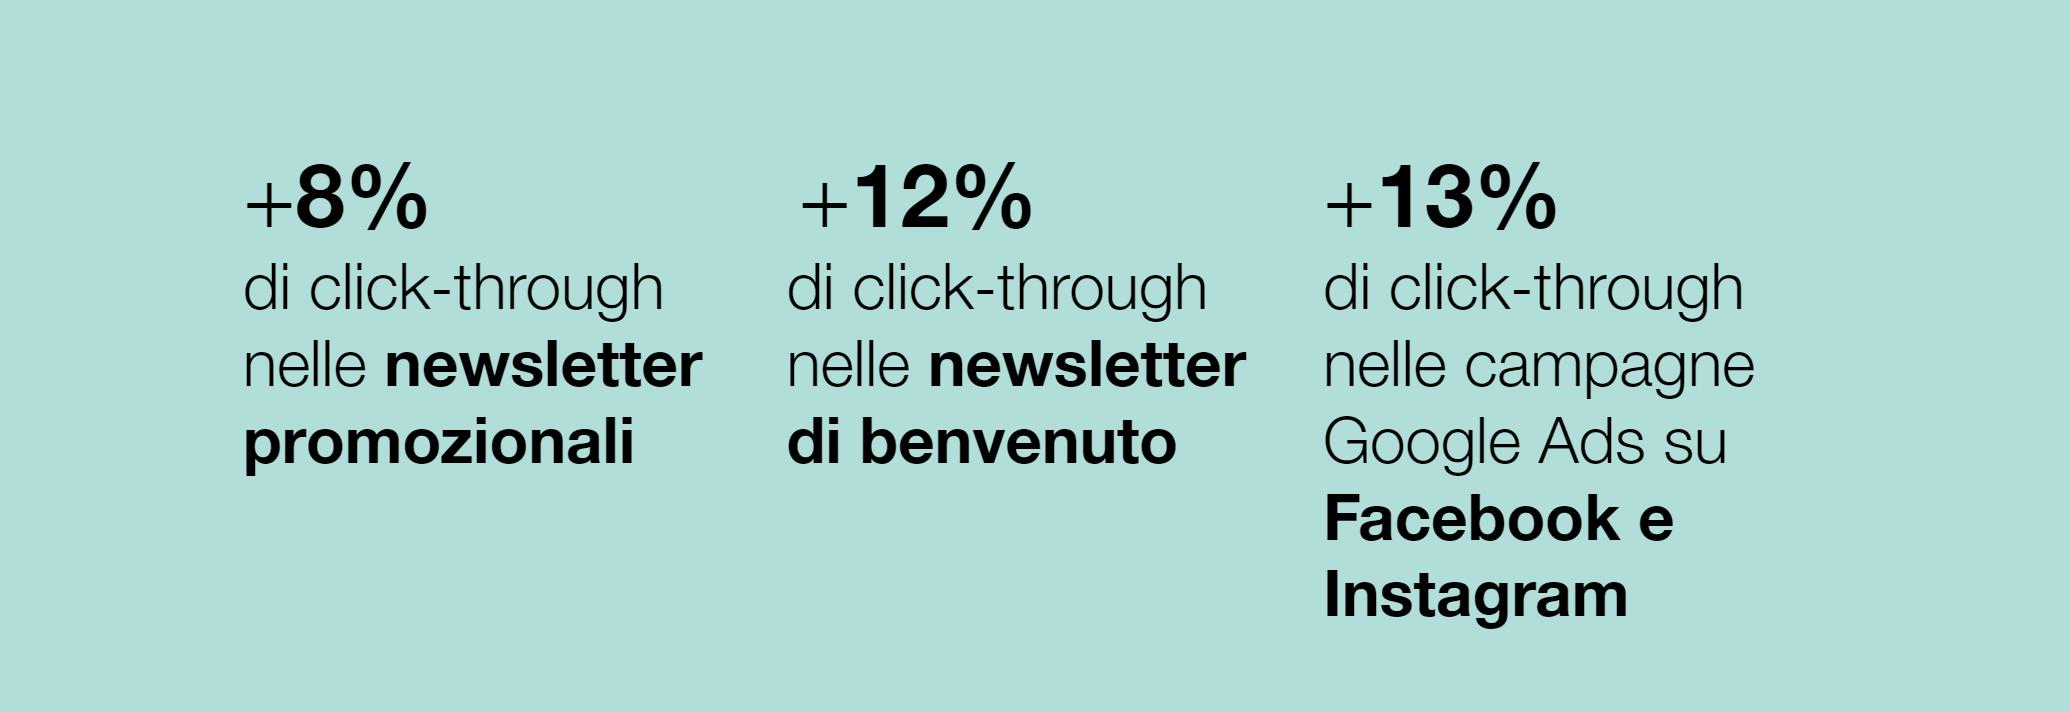 FRMODA - Immagine che mostra le percentuali di miglioramento dei tassi di click-through